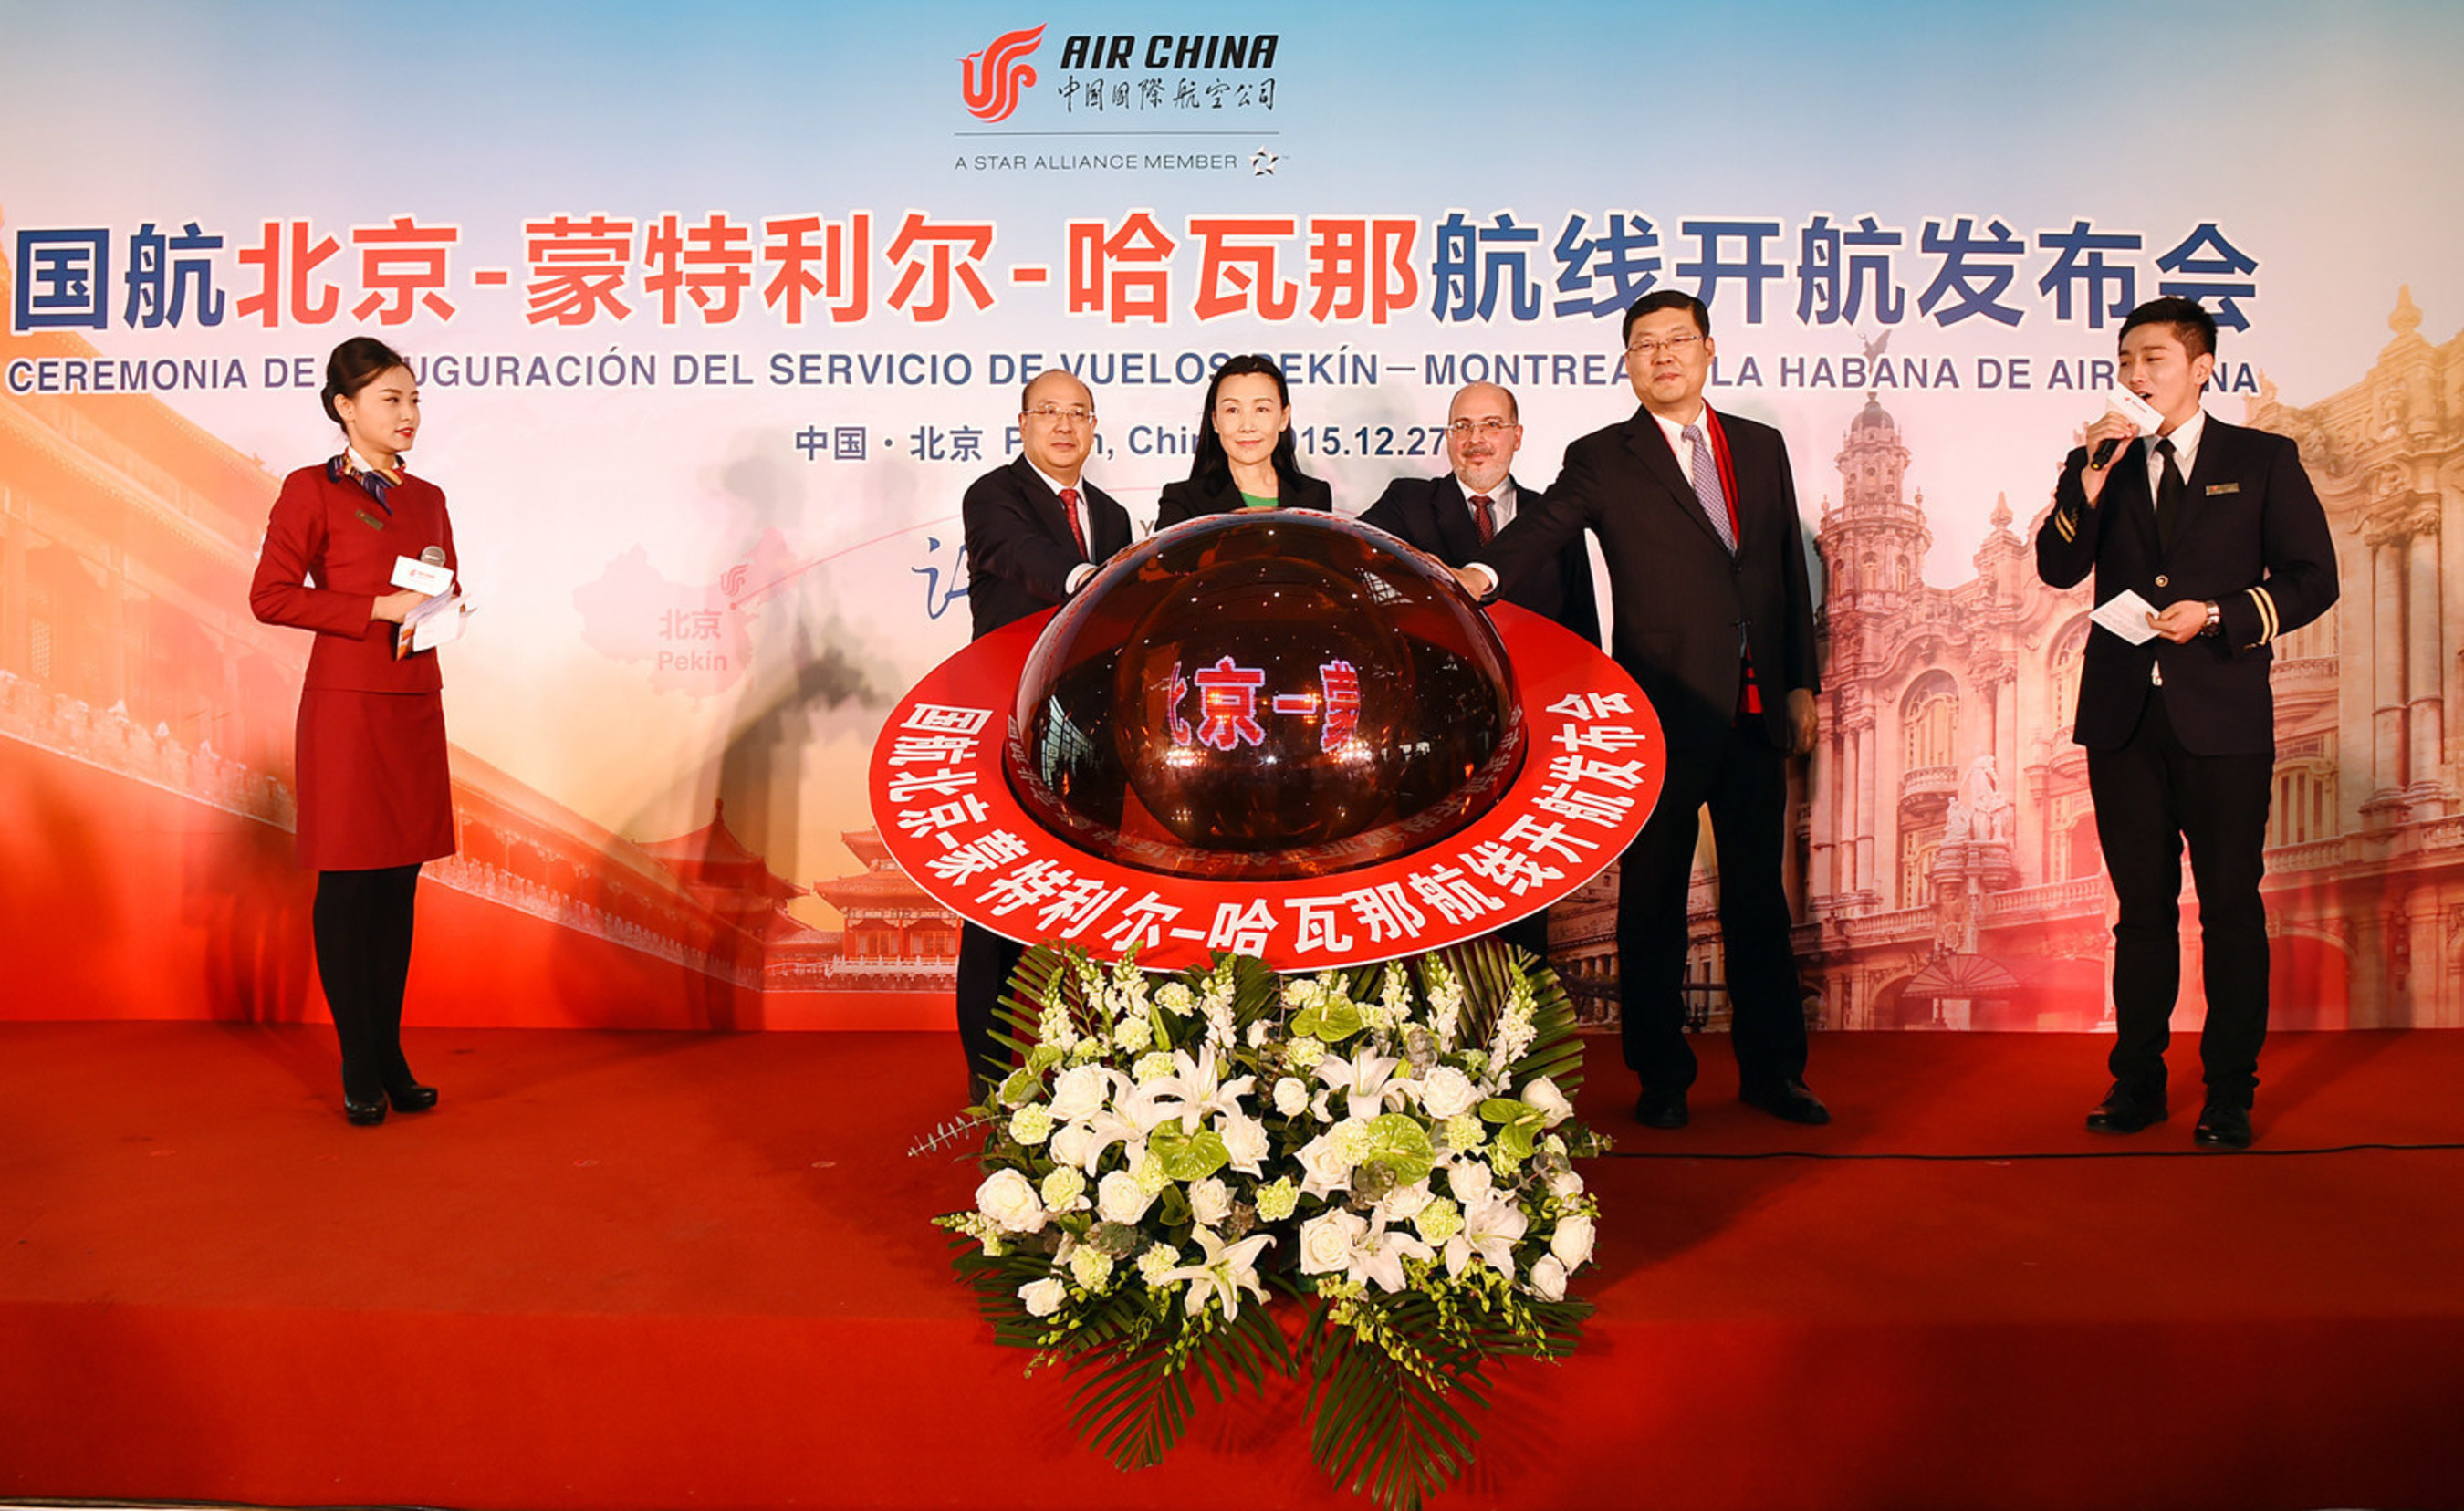 Air China annuncia l'avvio del suo servizio Pechino-Montreal-Avana a Pechino